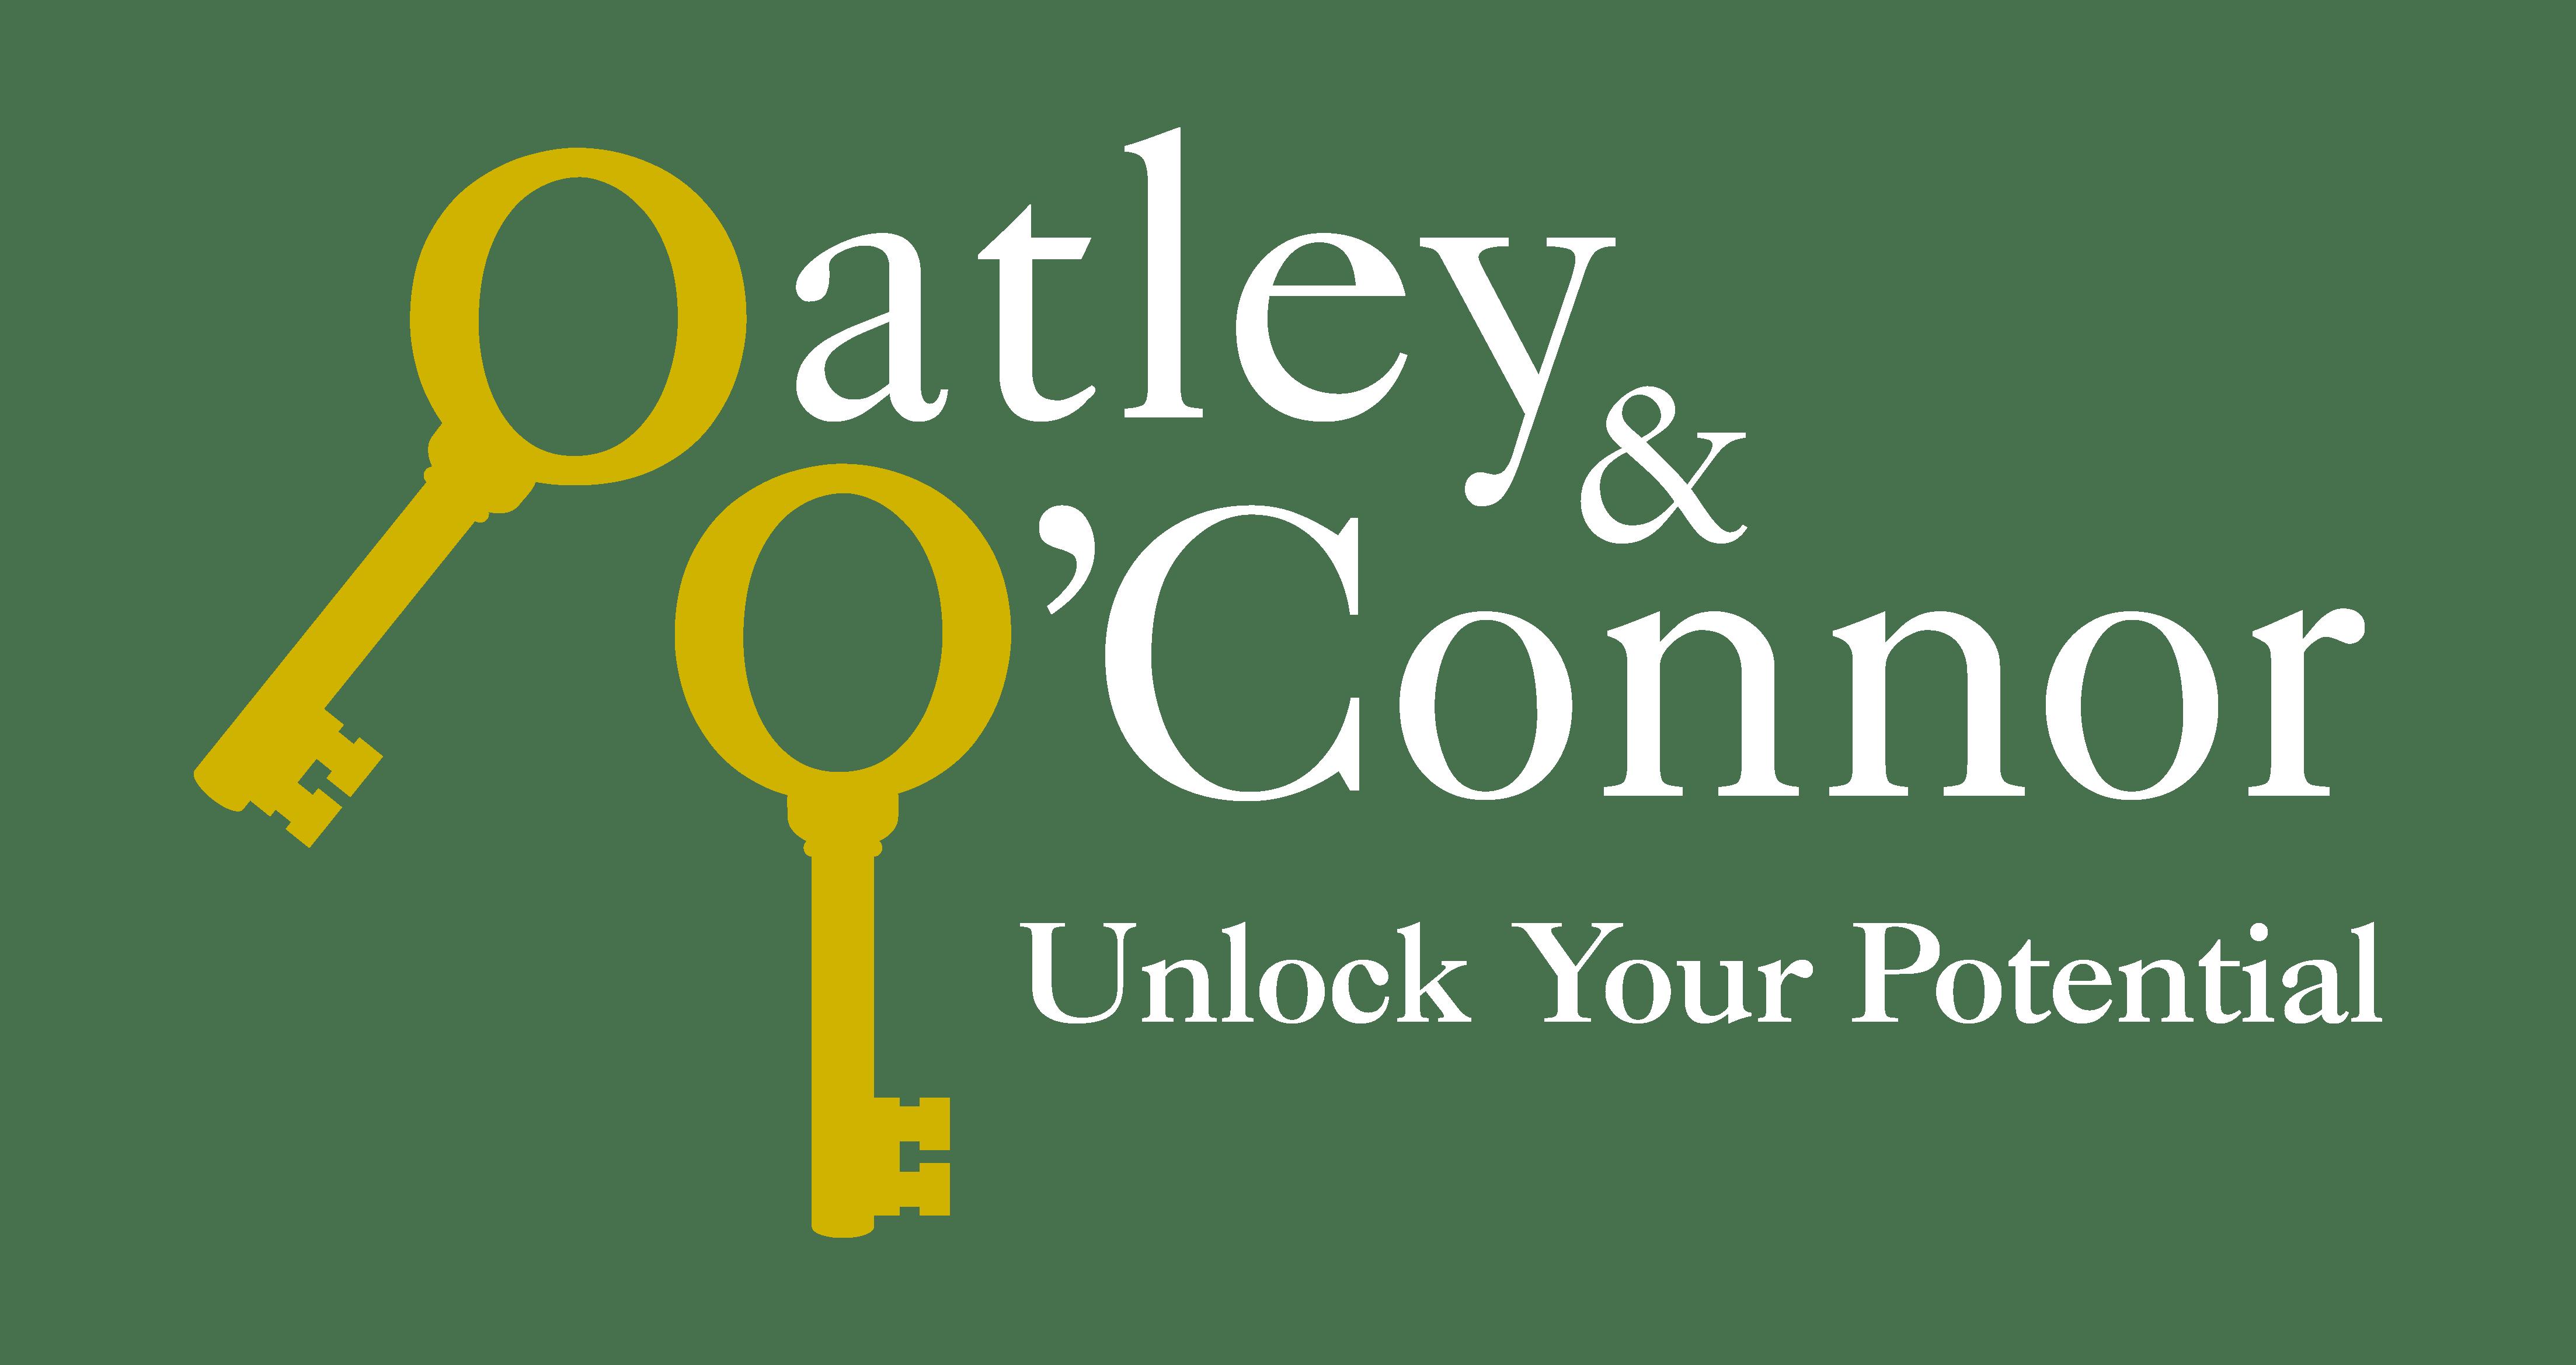 Oatley & O'Connor